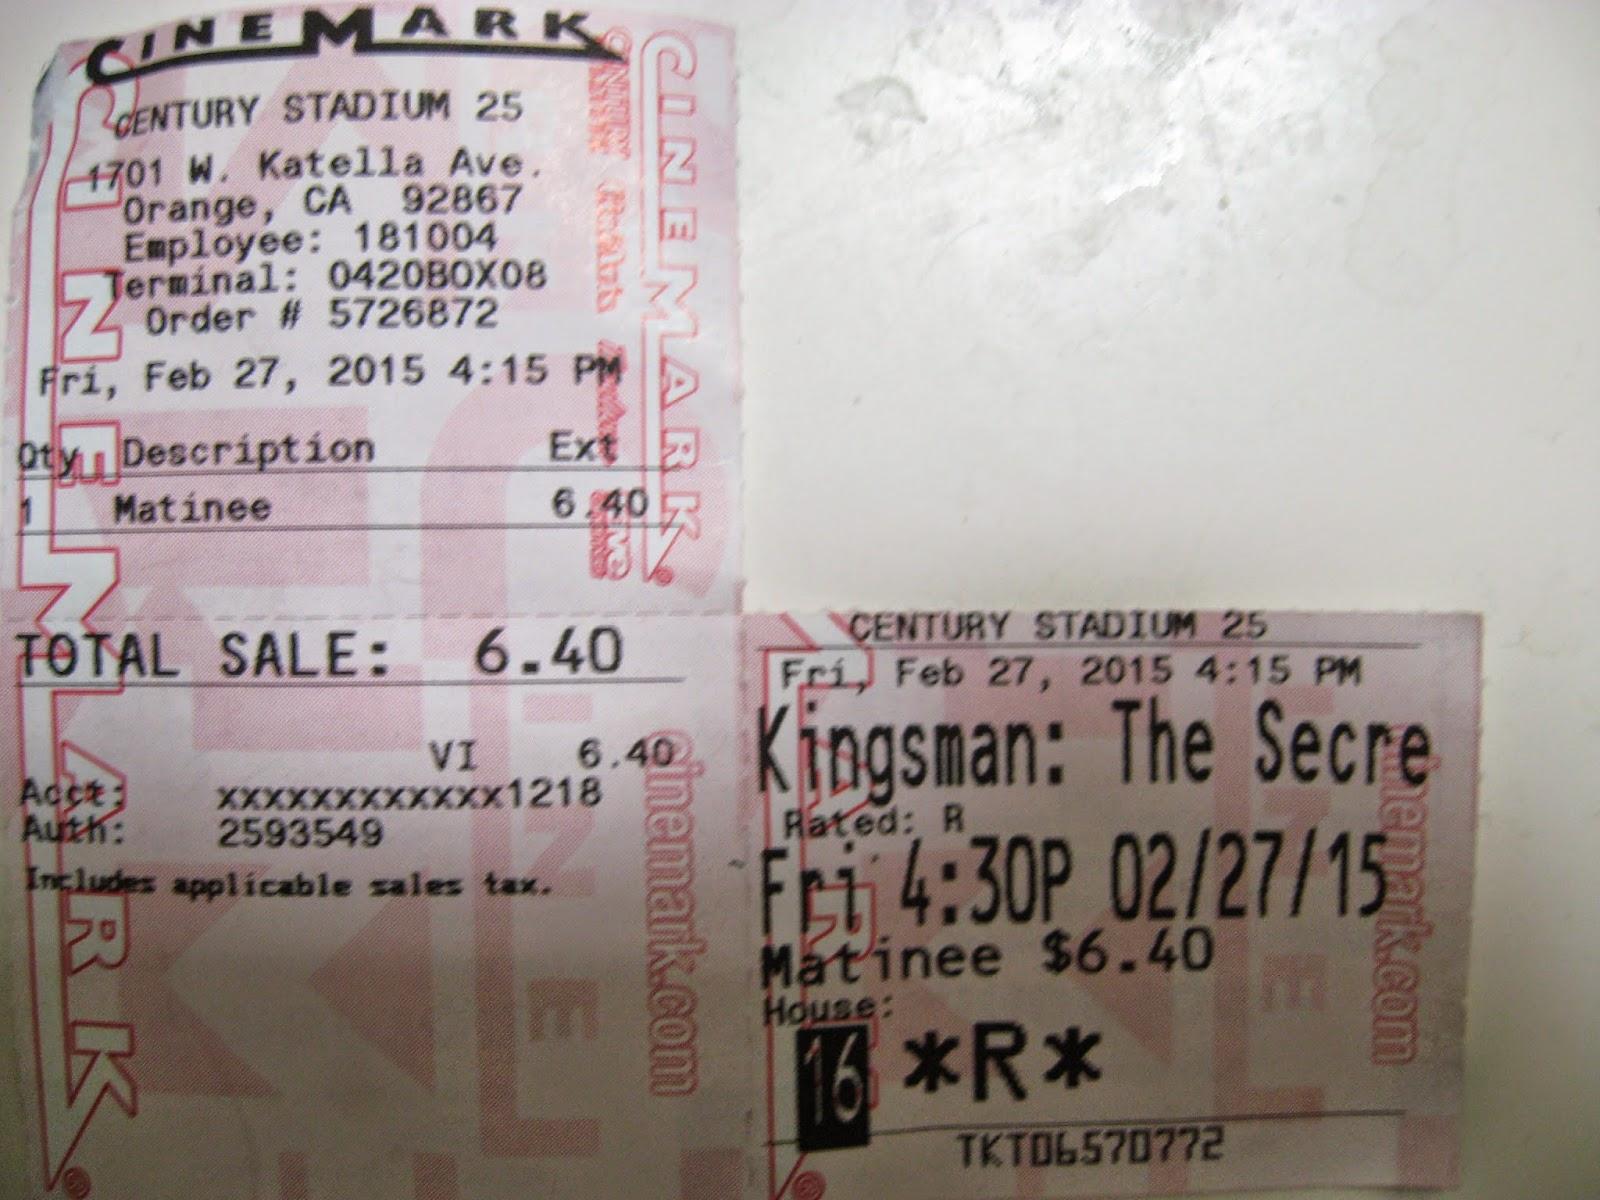 Cinemark Ticket Stub